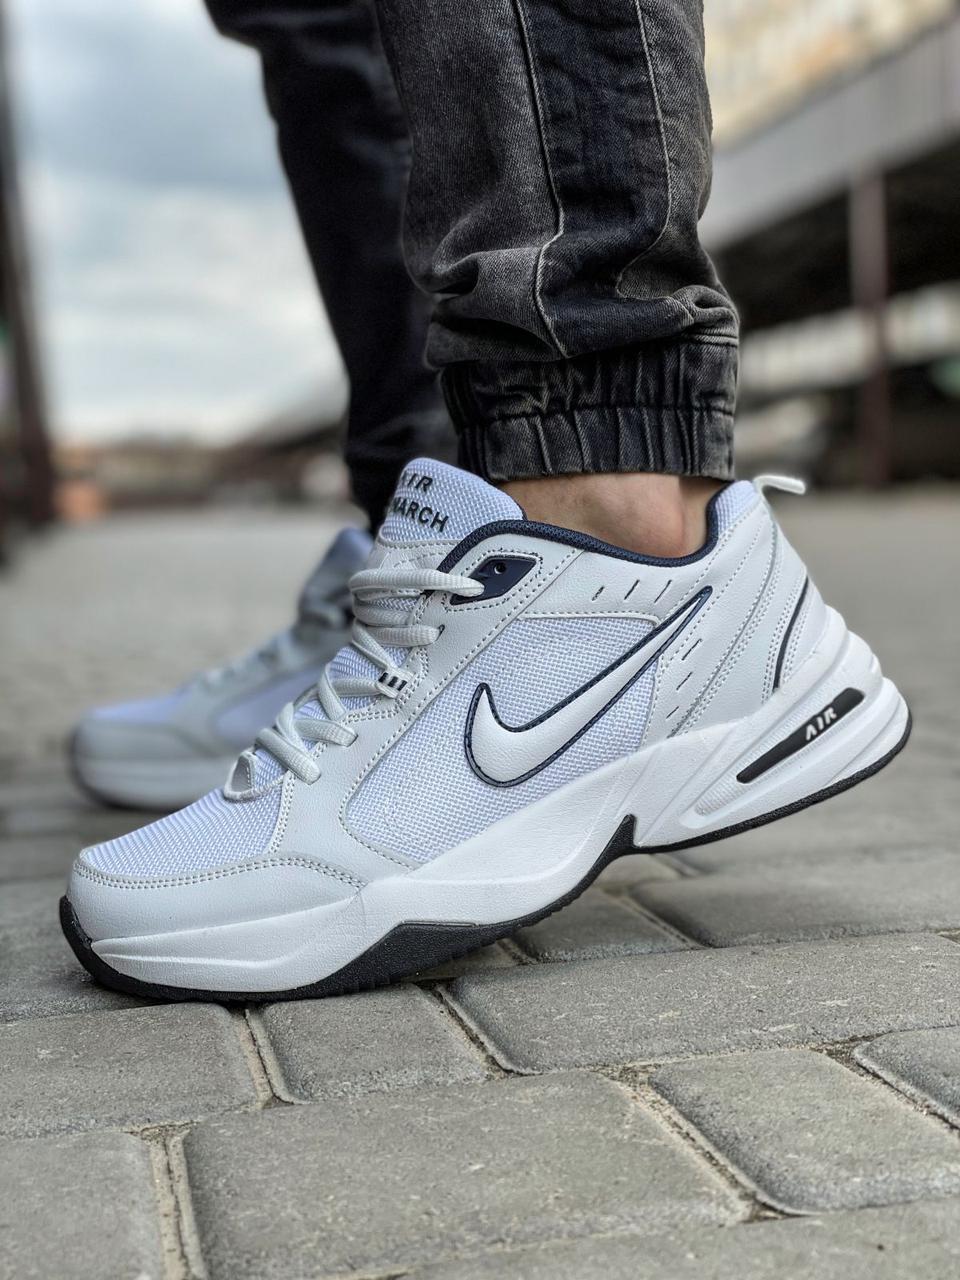 Чоловічі кросівки Nike Air Monarch білі / Найк Монарх (Топ репліка ААА+)